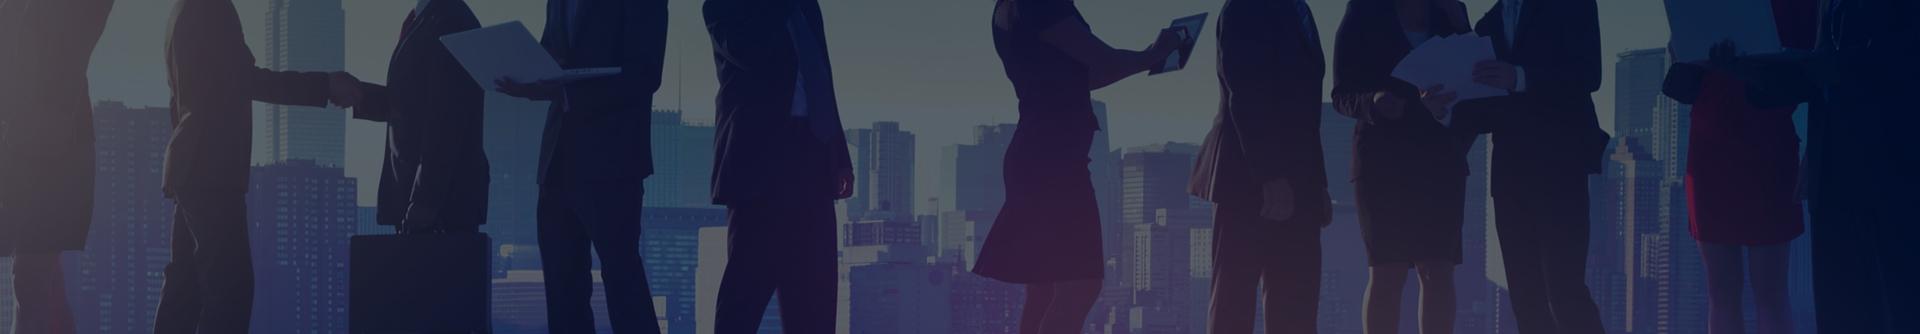 roberts centre business meeting header